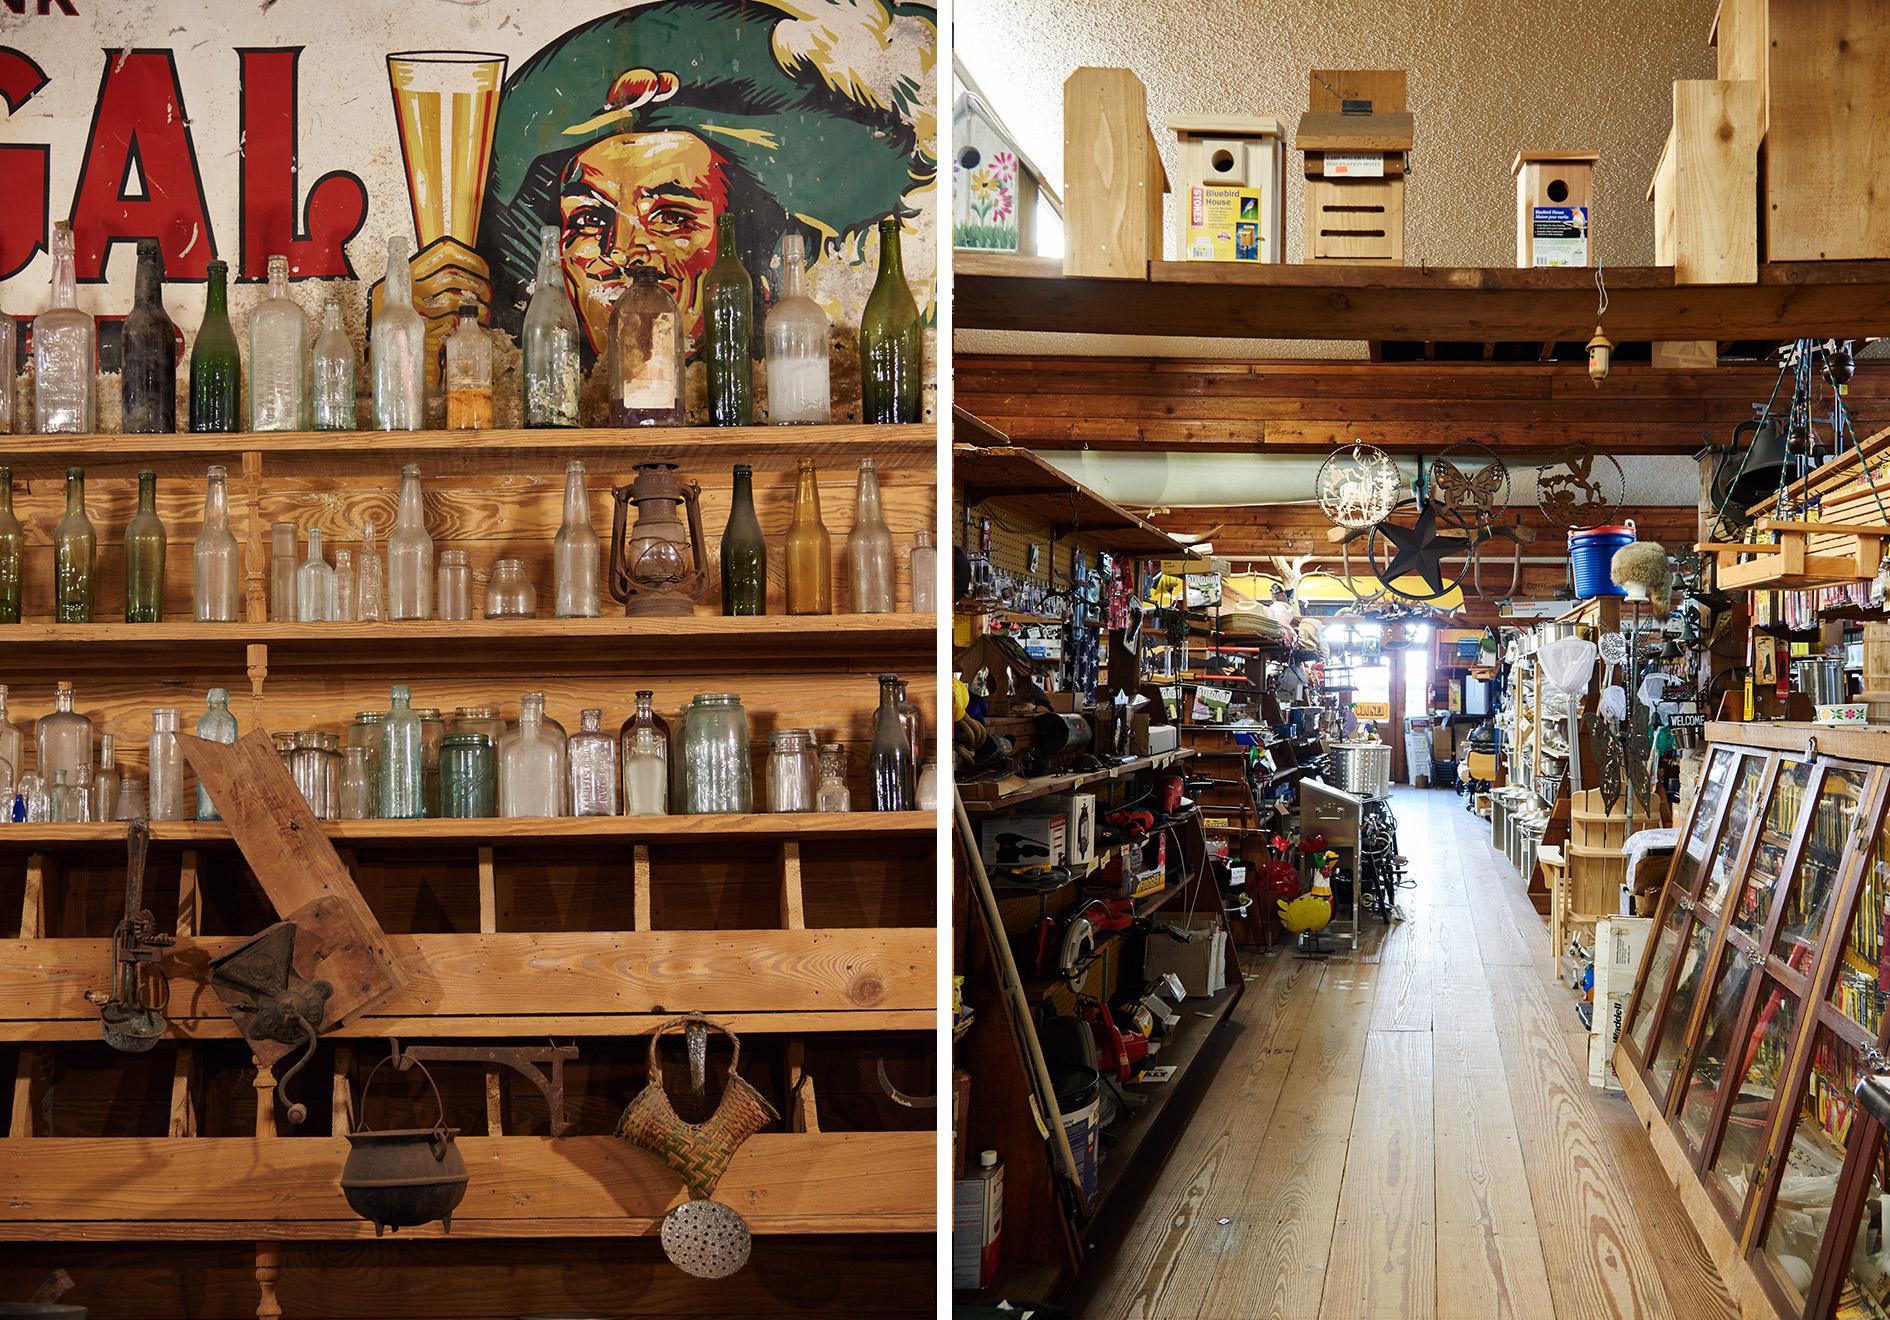 Inside H.J. Smith's